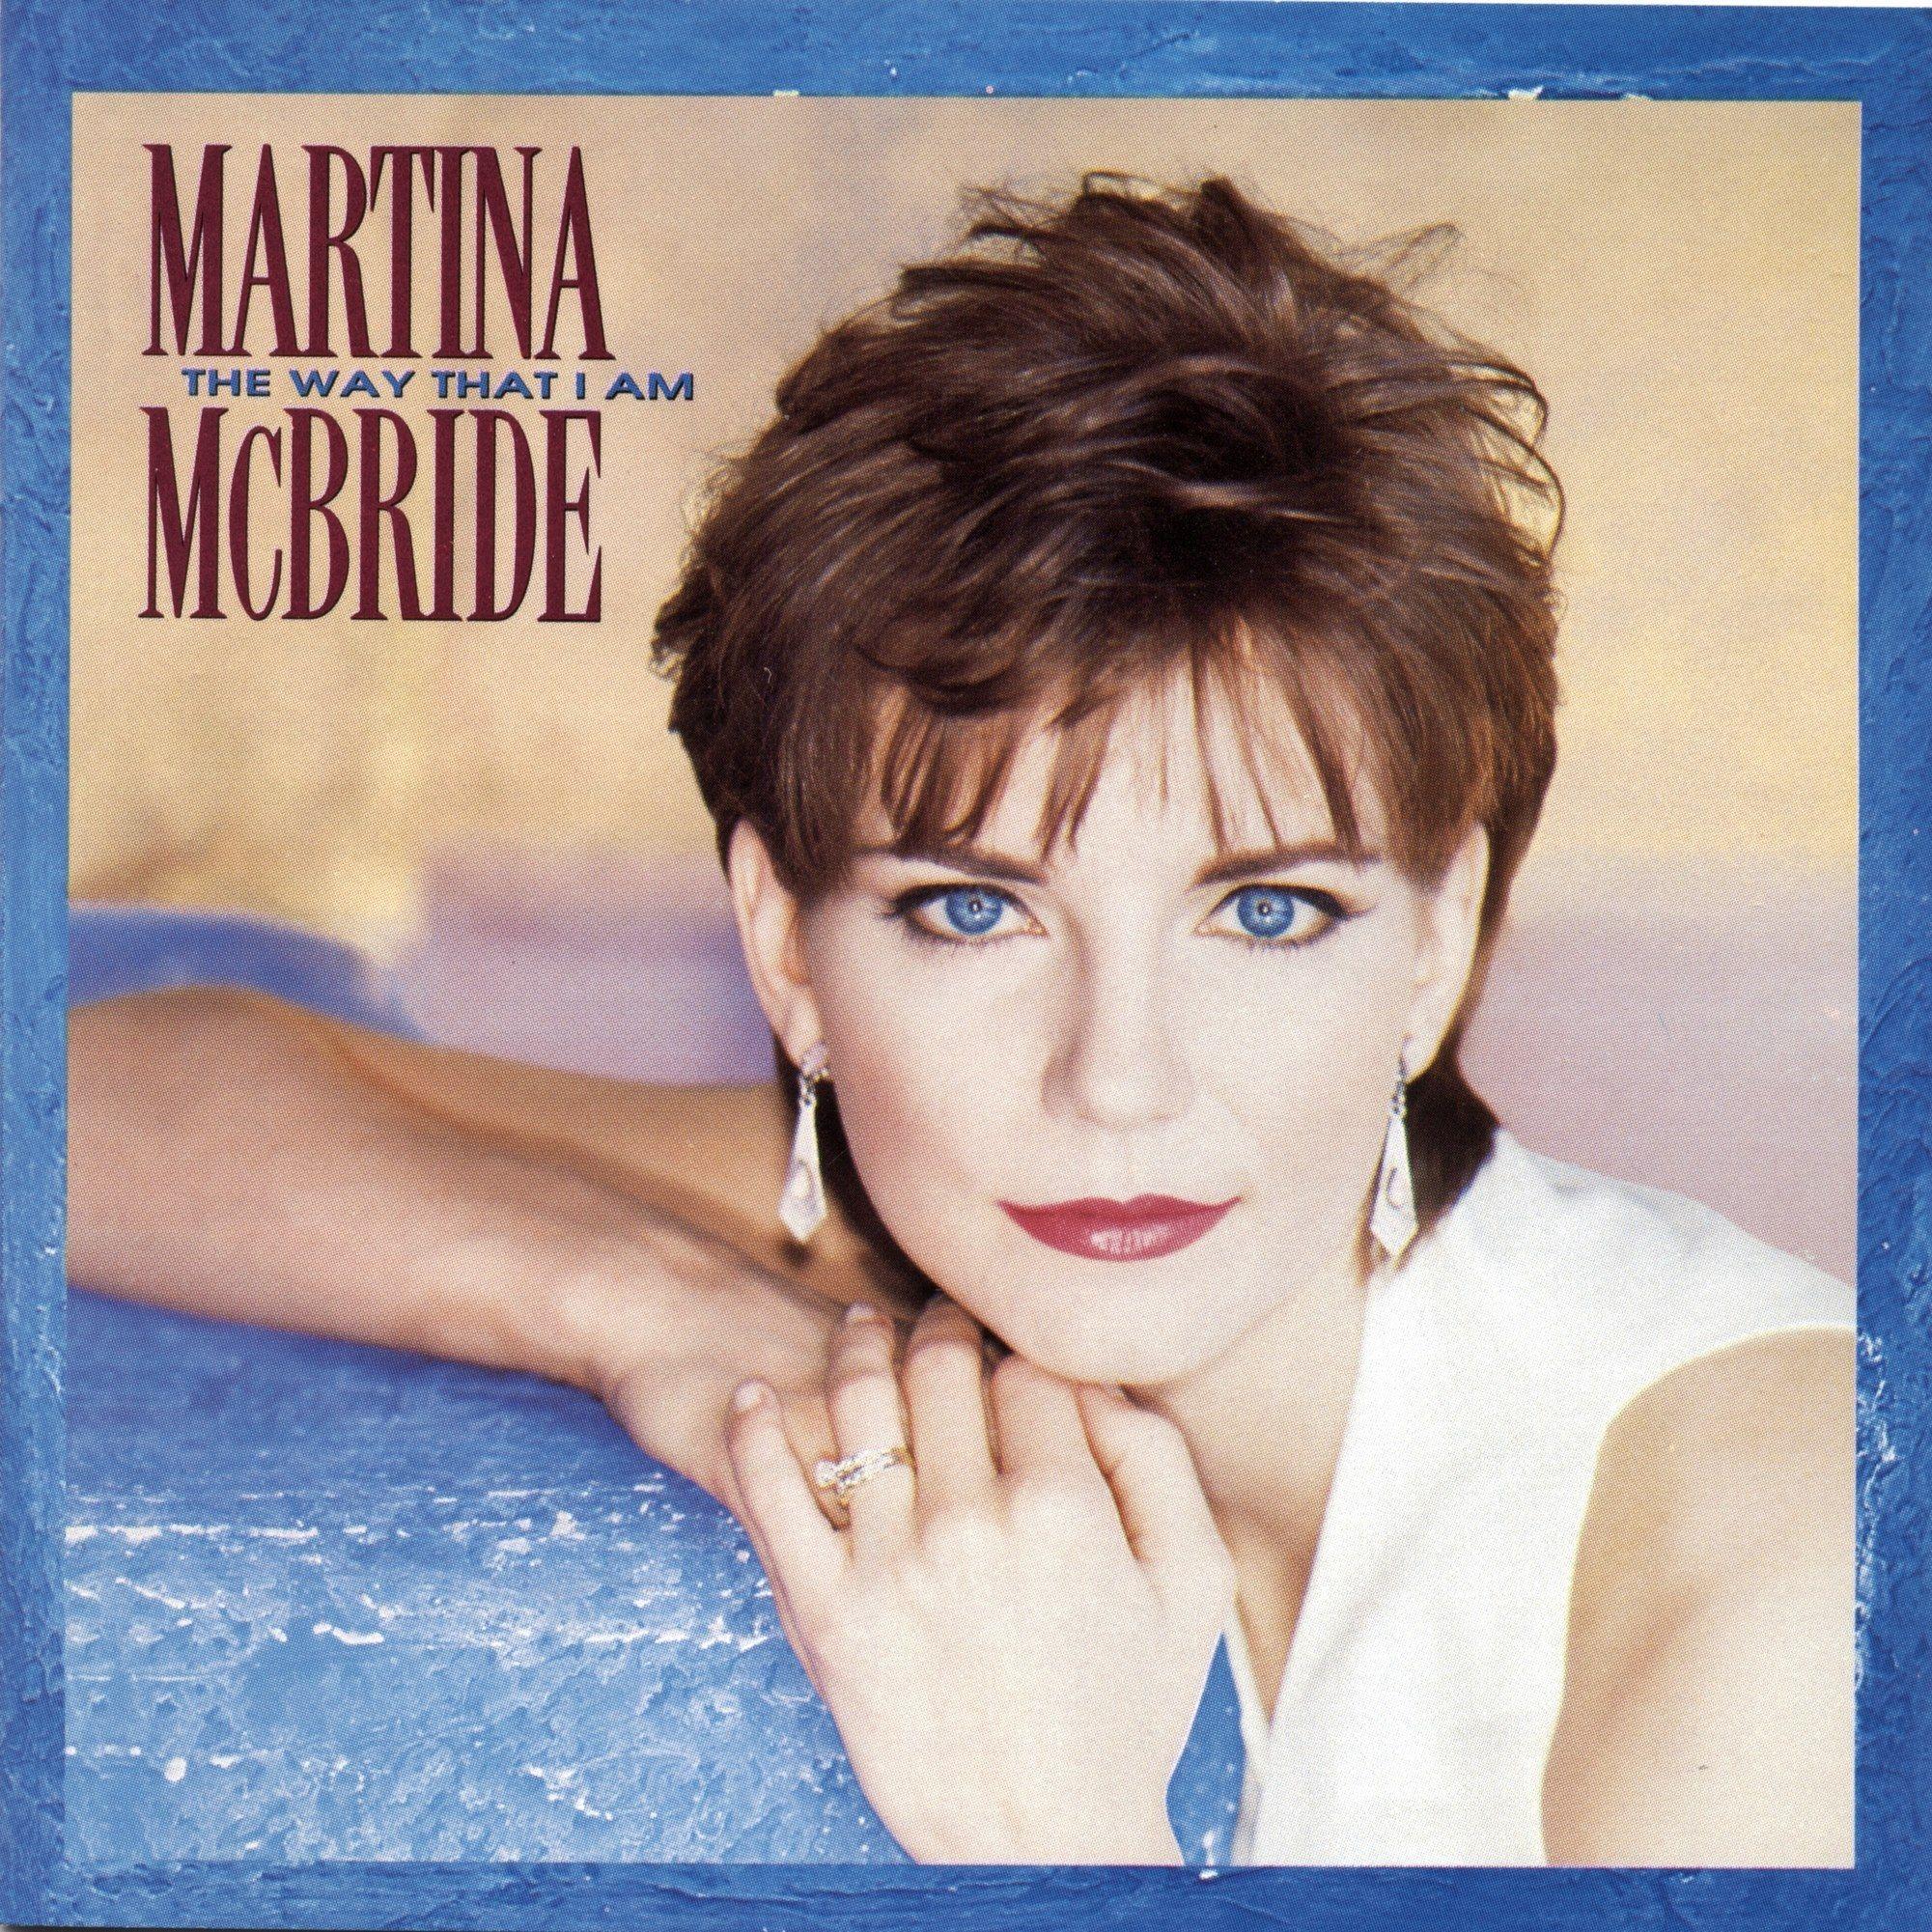 Martina McBride - The Way That I Am - Album Cover